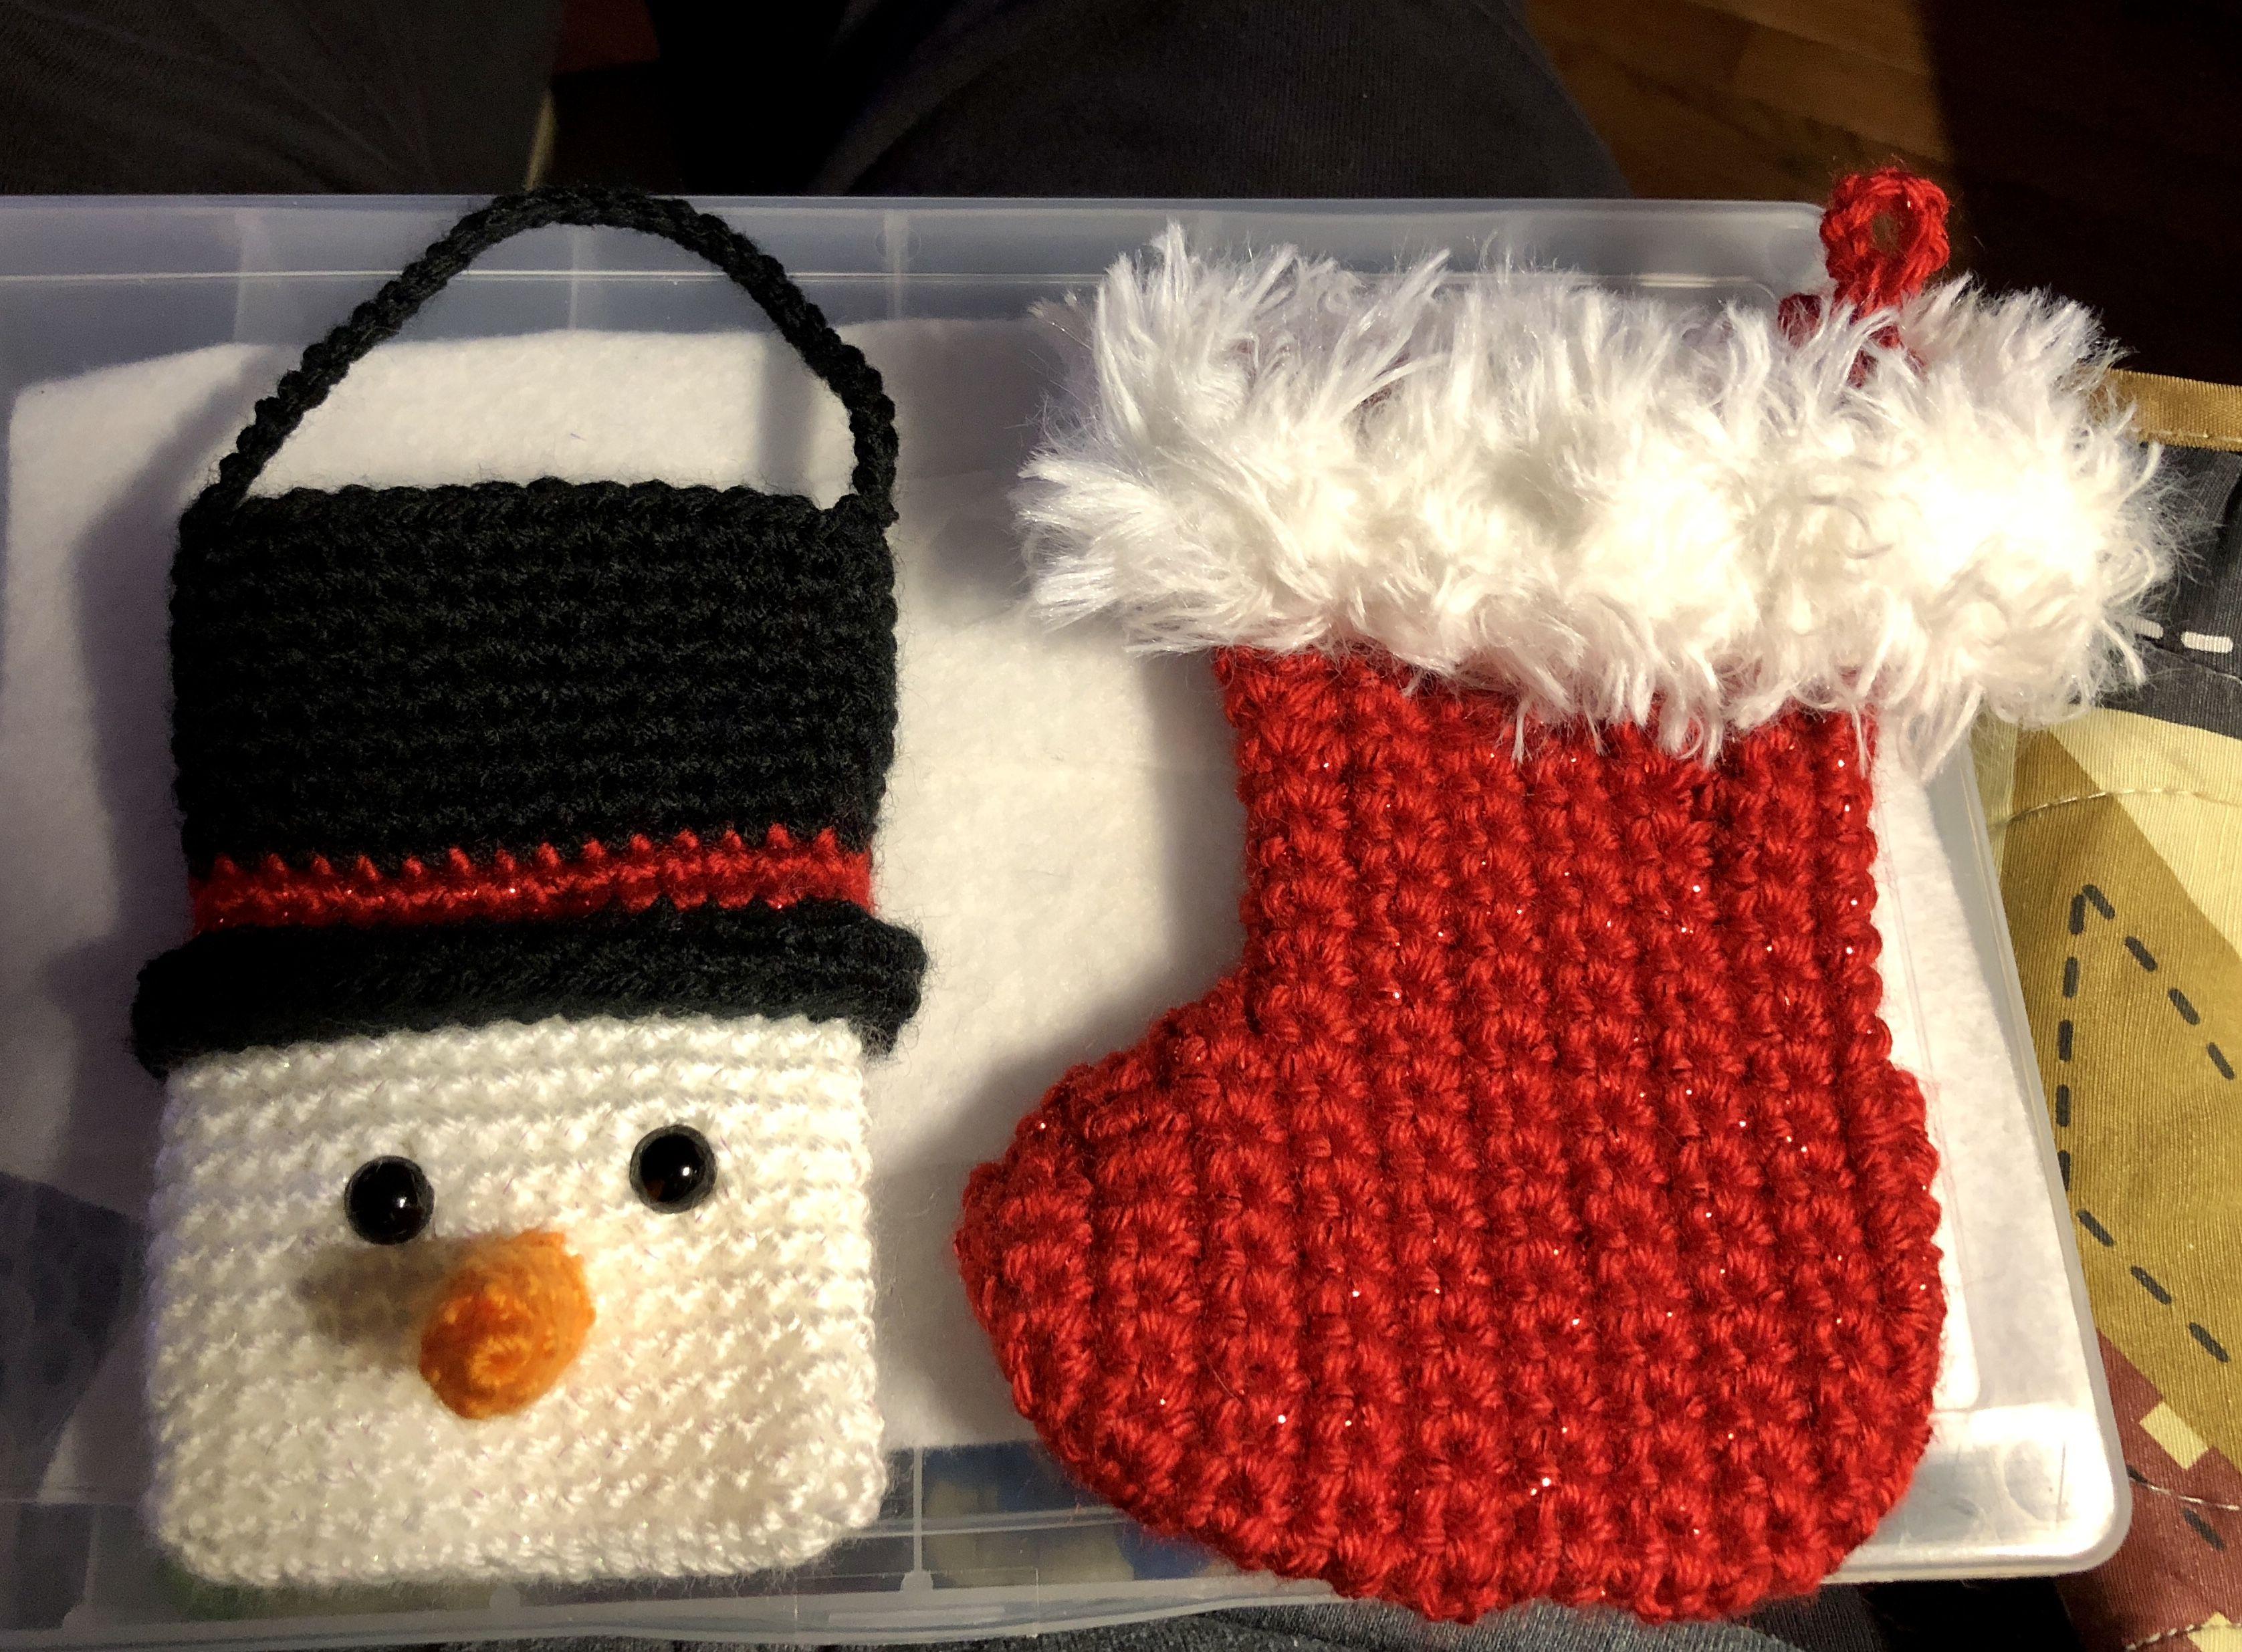 Crochet Christmas Gift Cardmoney Holders Designed By Heart Strings